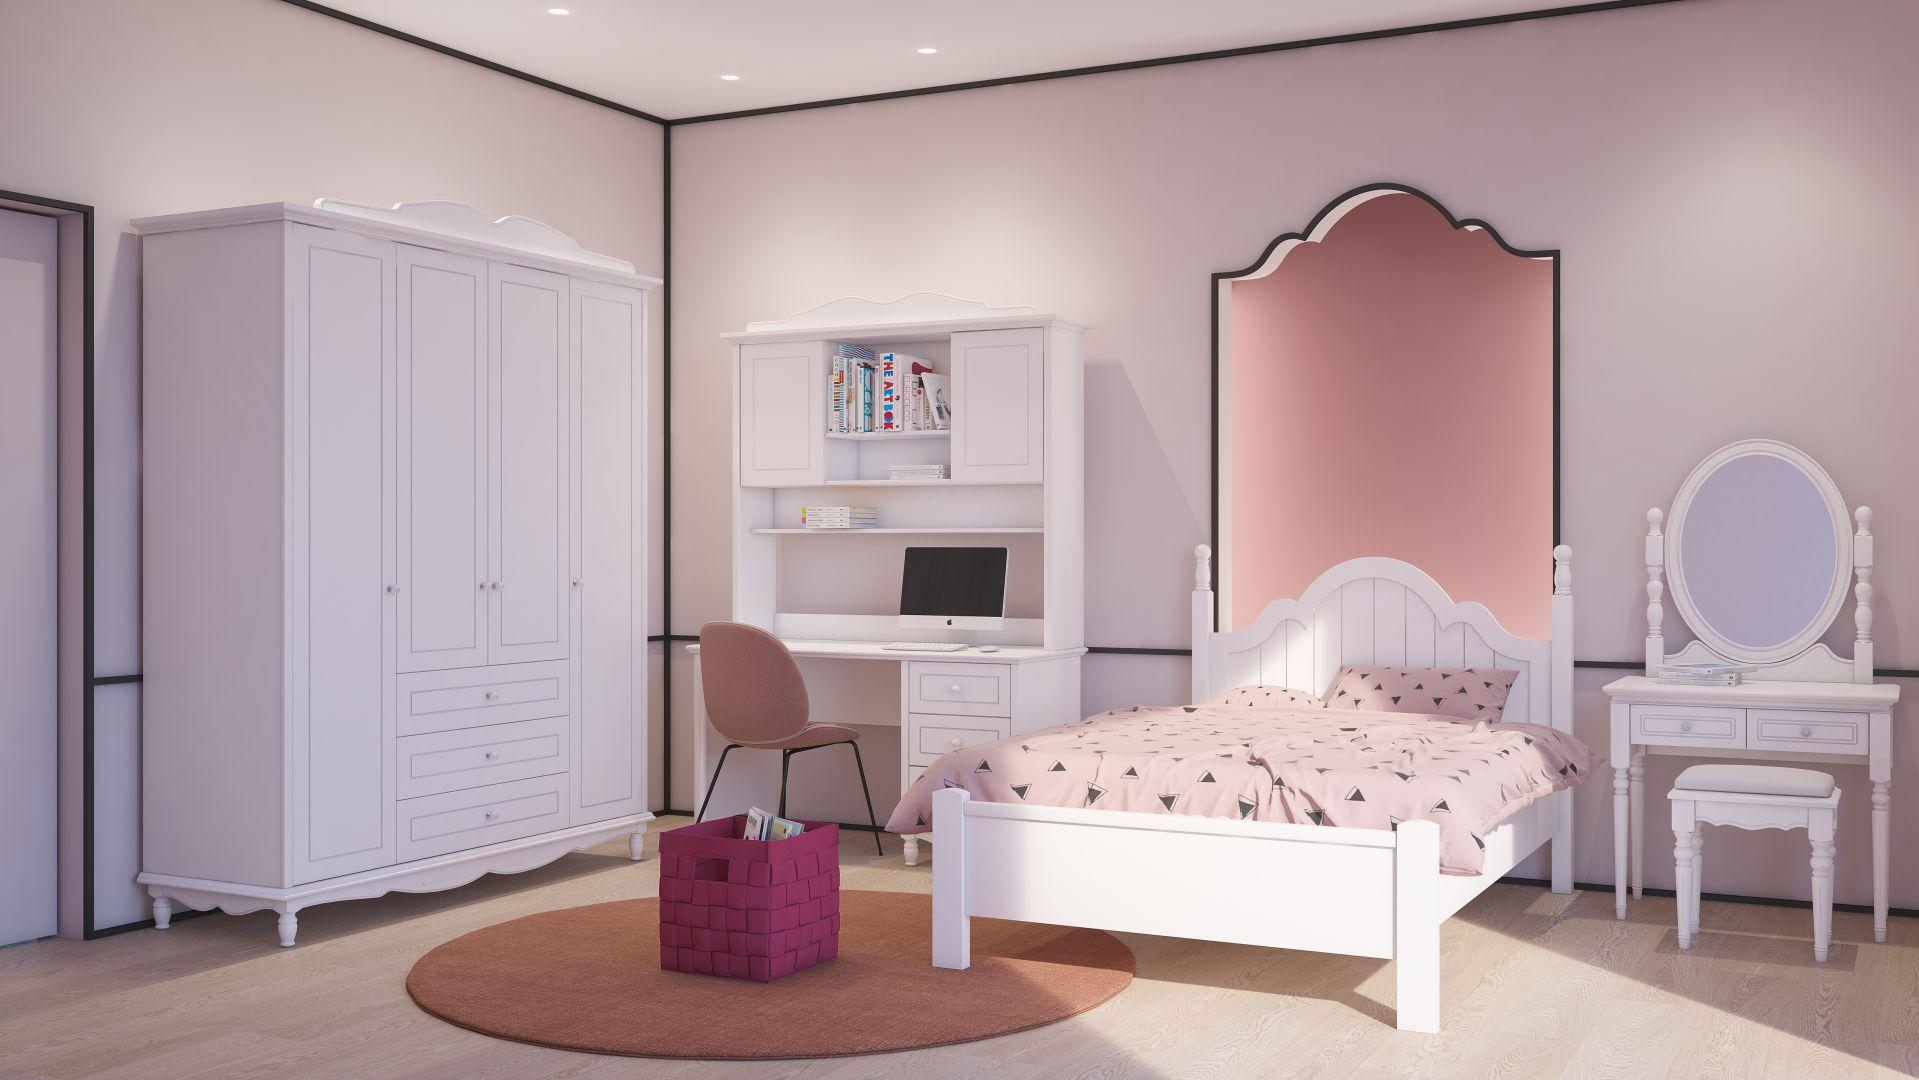 חדר נערות בצבע לבן ויוקרתי